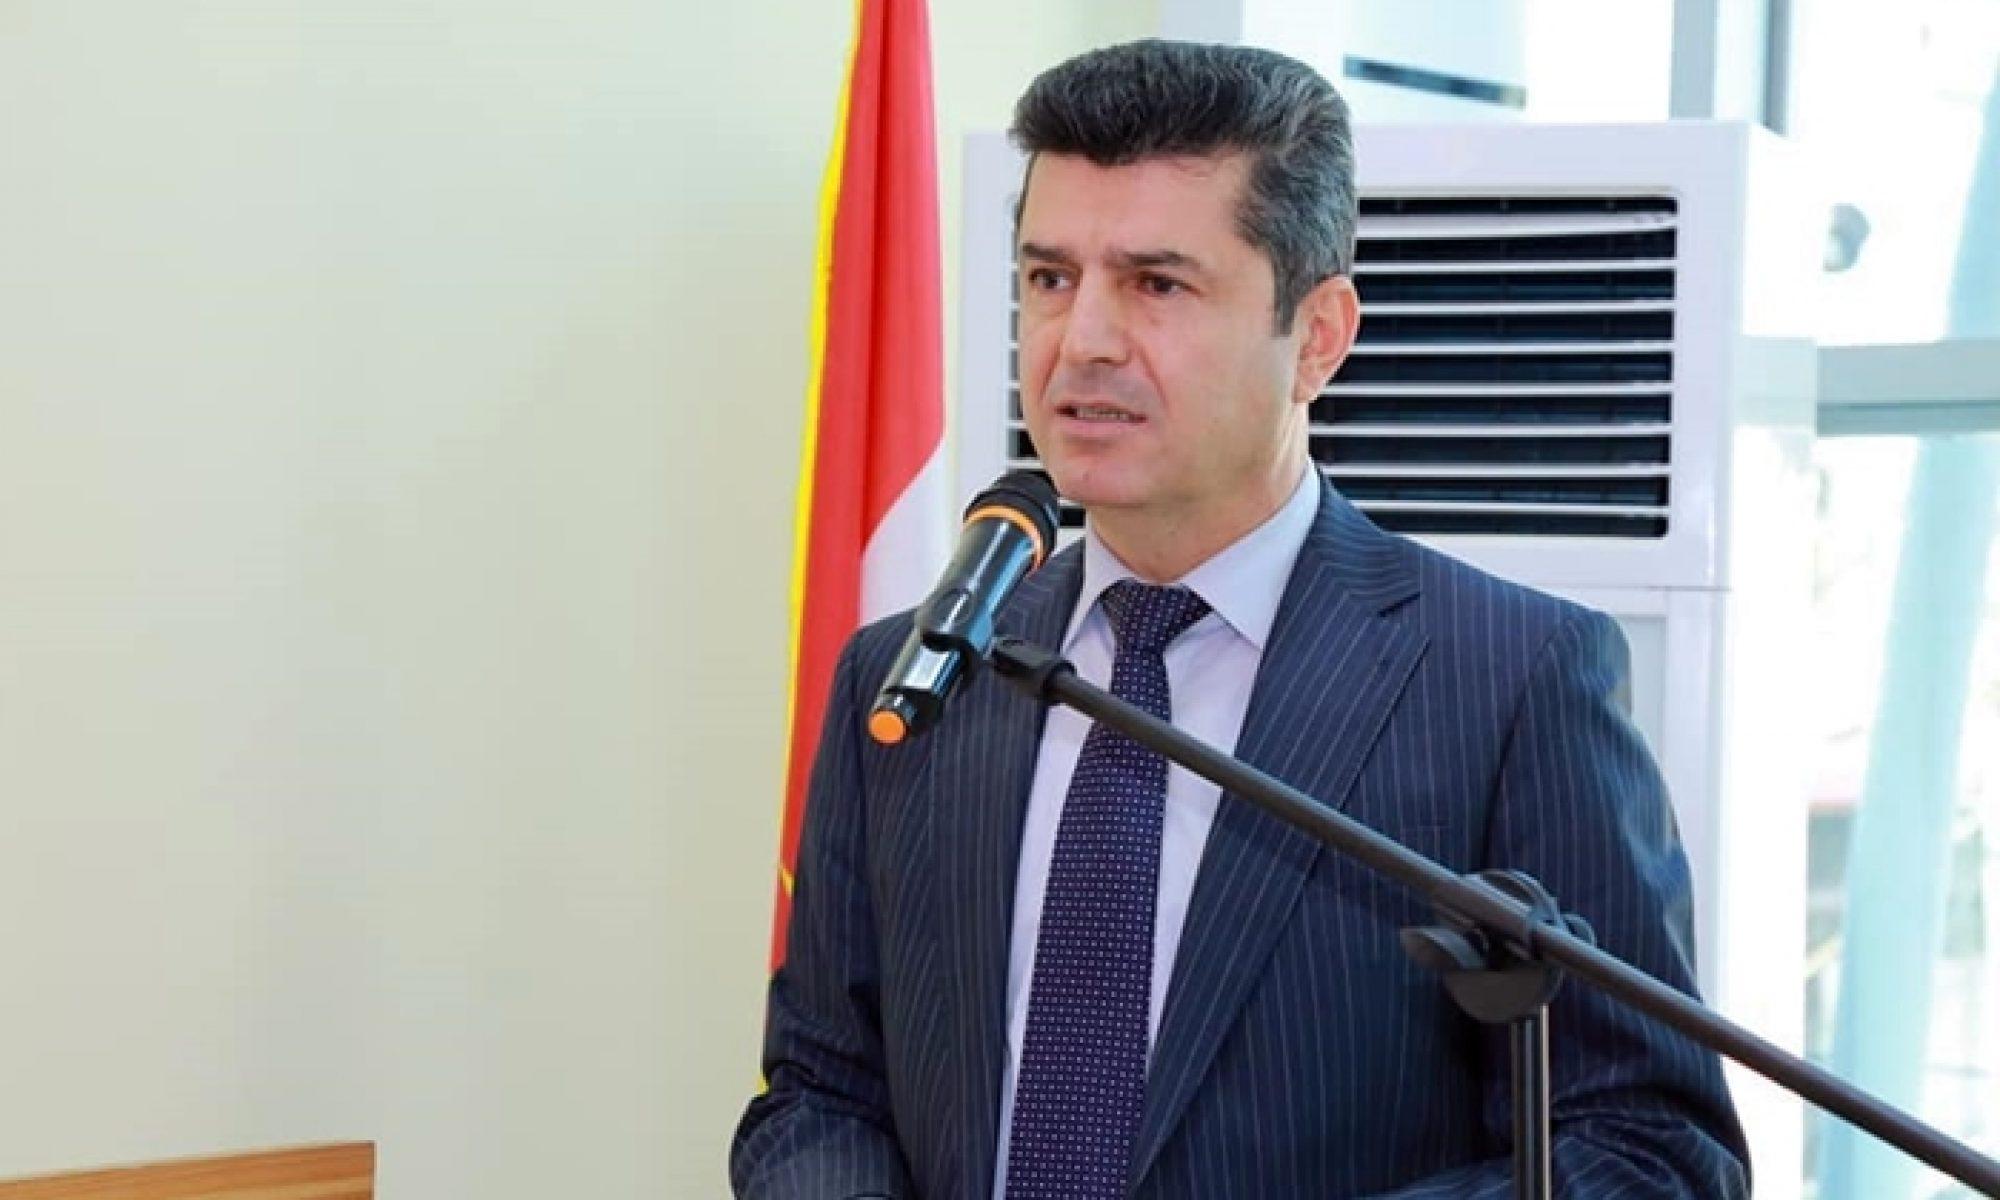 Duhok Valisi Teter: PKK sadece Kürdistan adını kullanıyor, Kürtlere bir faydasını görmedik